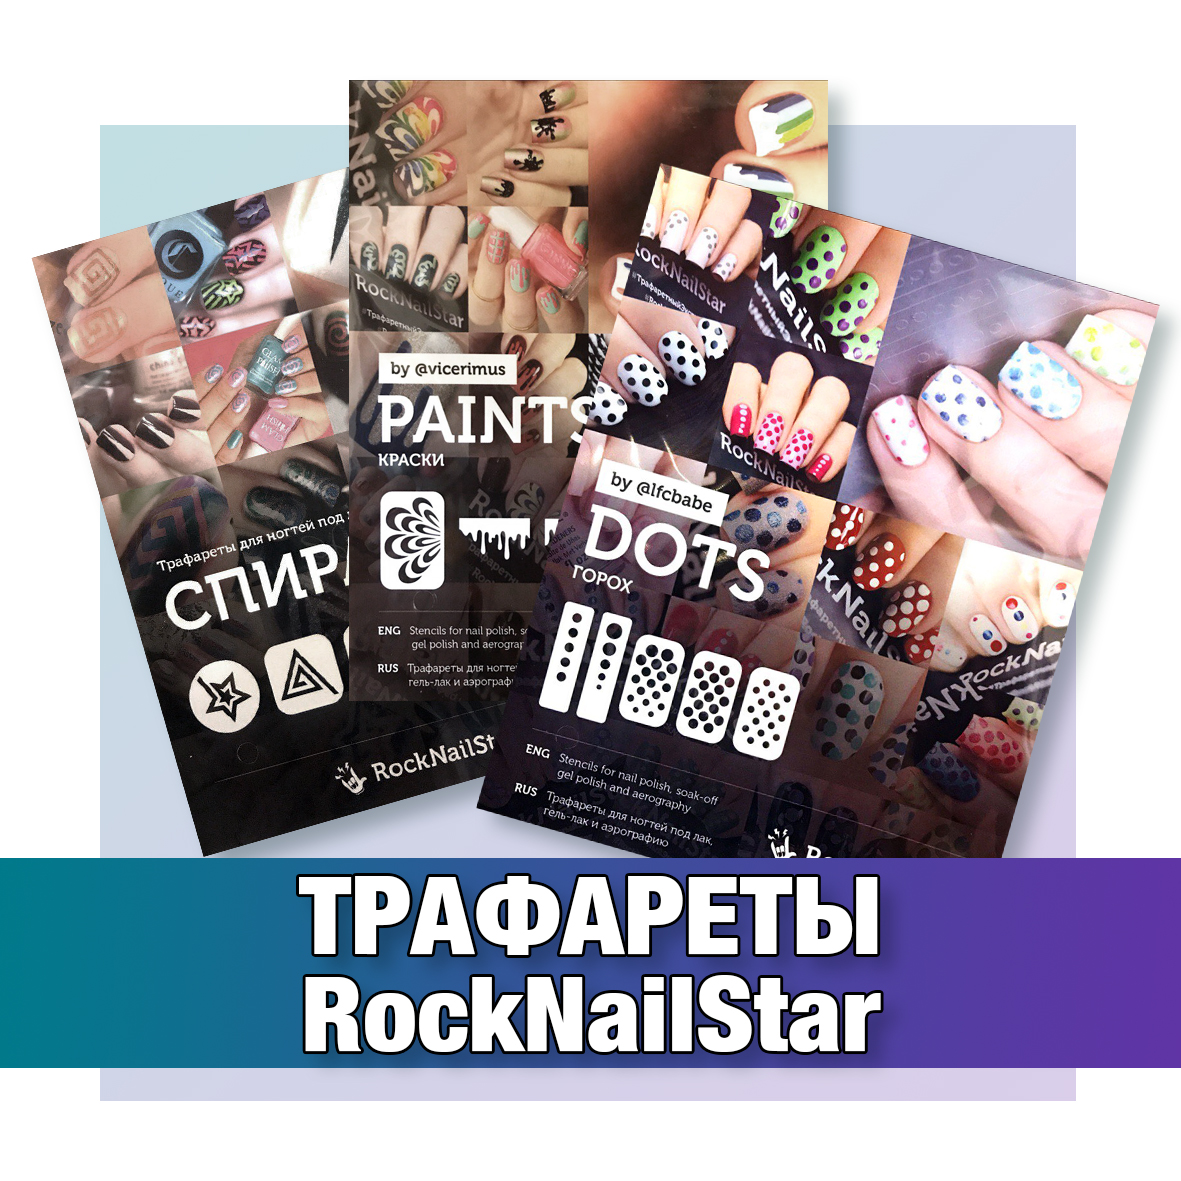 Трафареты RocknailStar